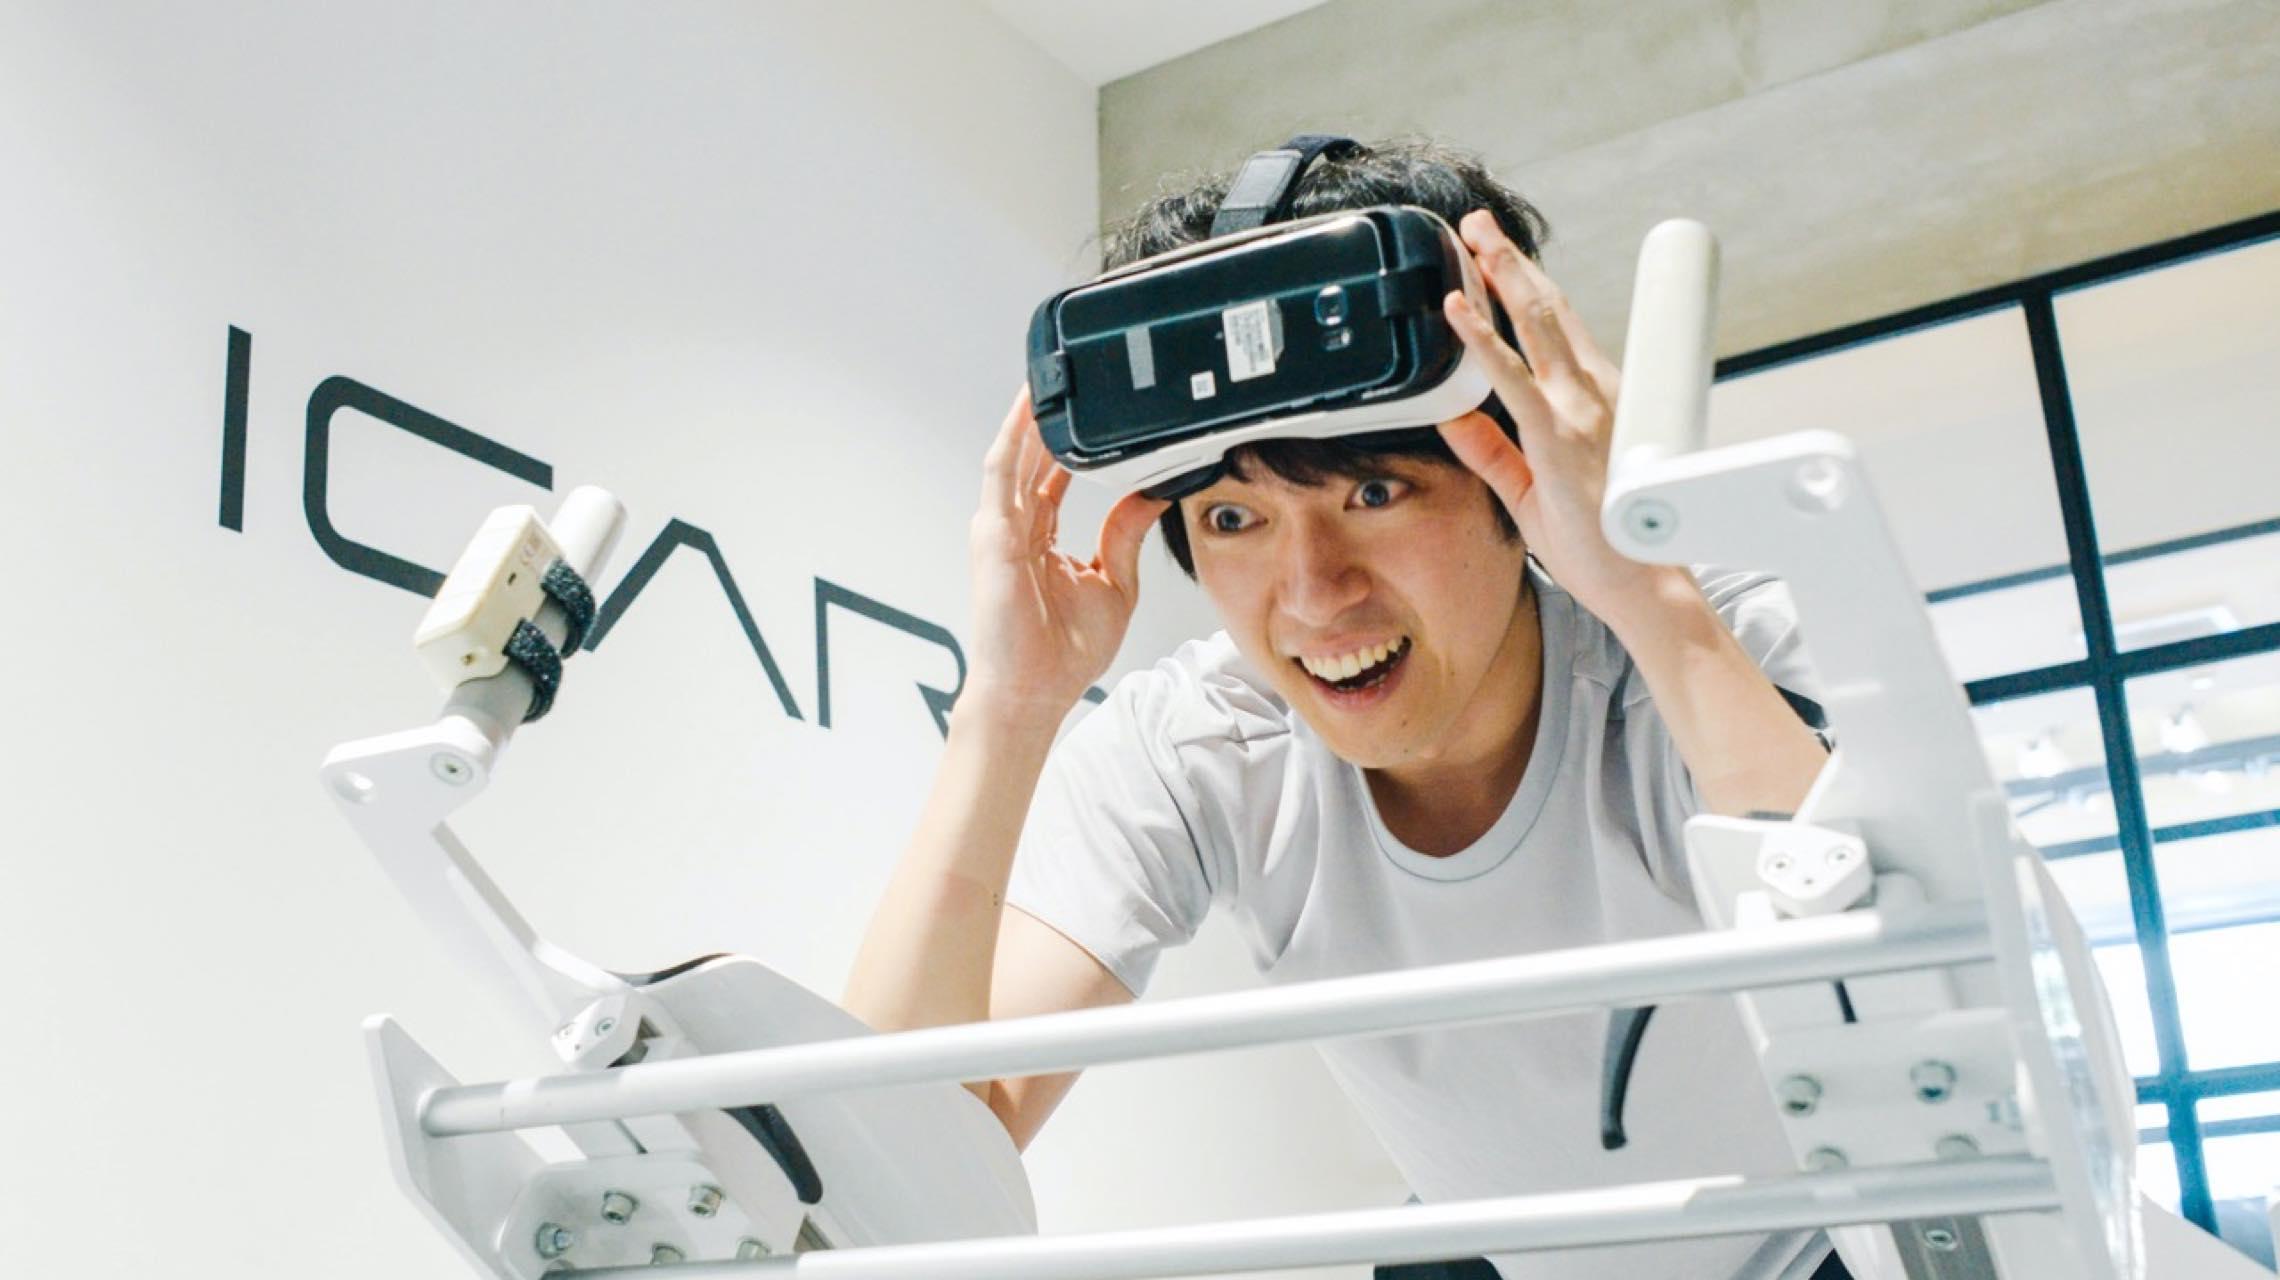 """【""""残念なイケメン""""もりすけが行く!】 VRの世界を飛び回る体幹トレーニング「イカロス」にチャレンジ"""